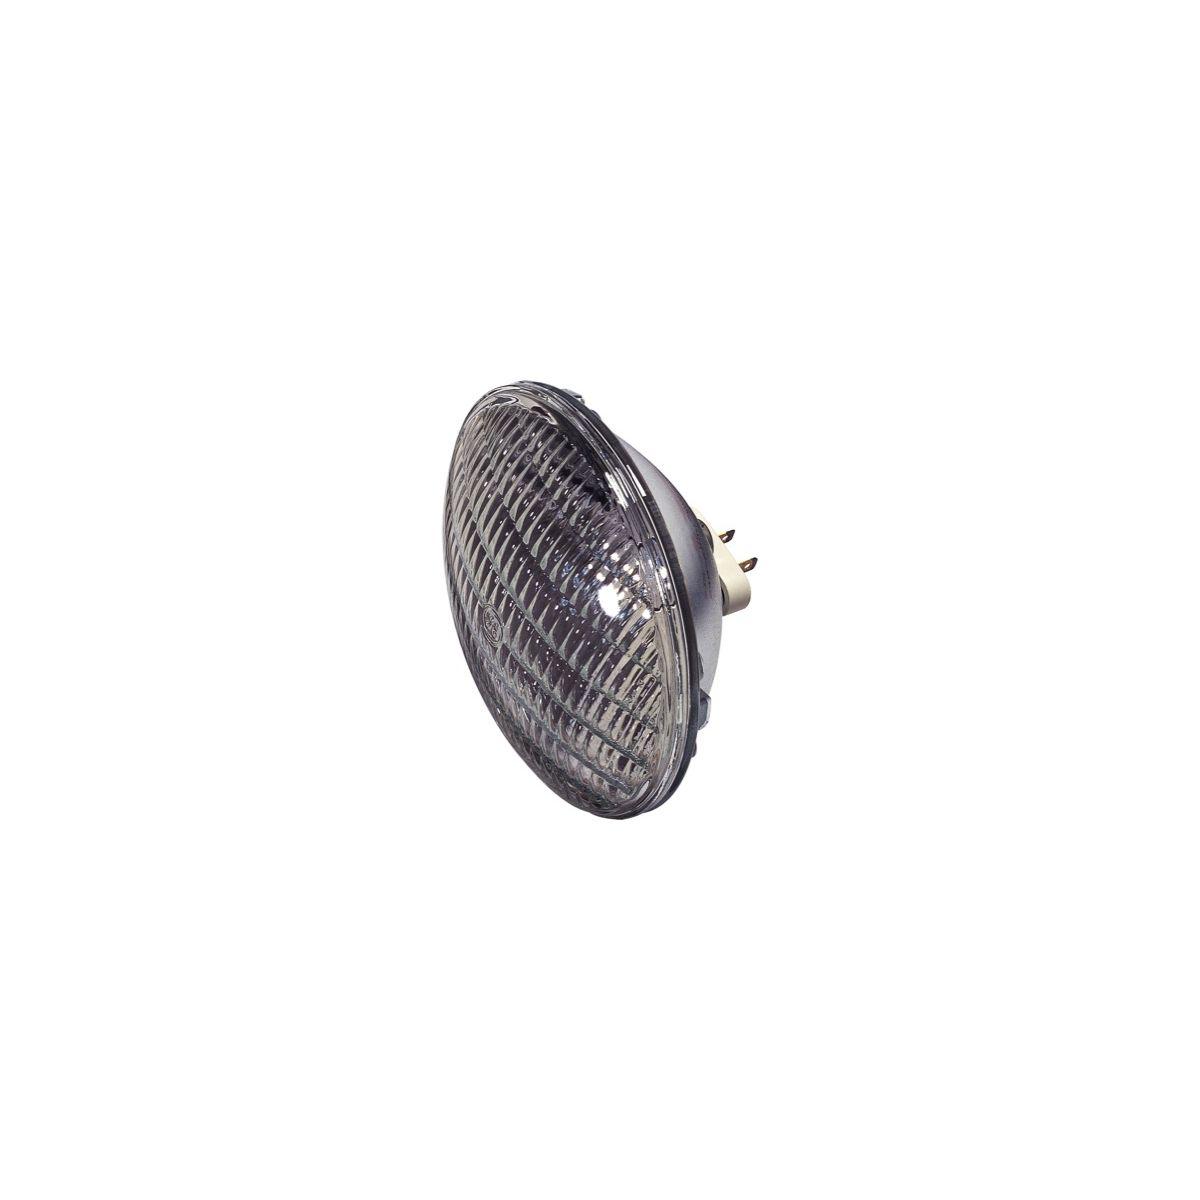 Ampoules projecteurs PAR - Osram / GE / Philips - PAR56 MFL